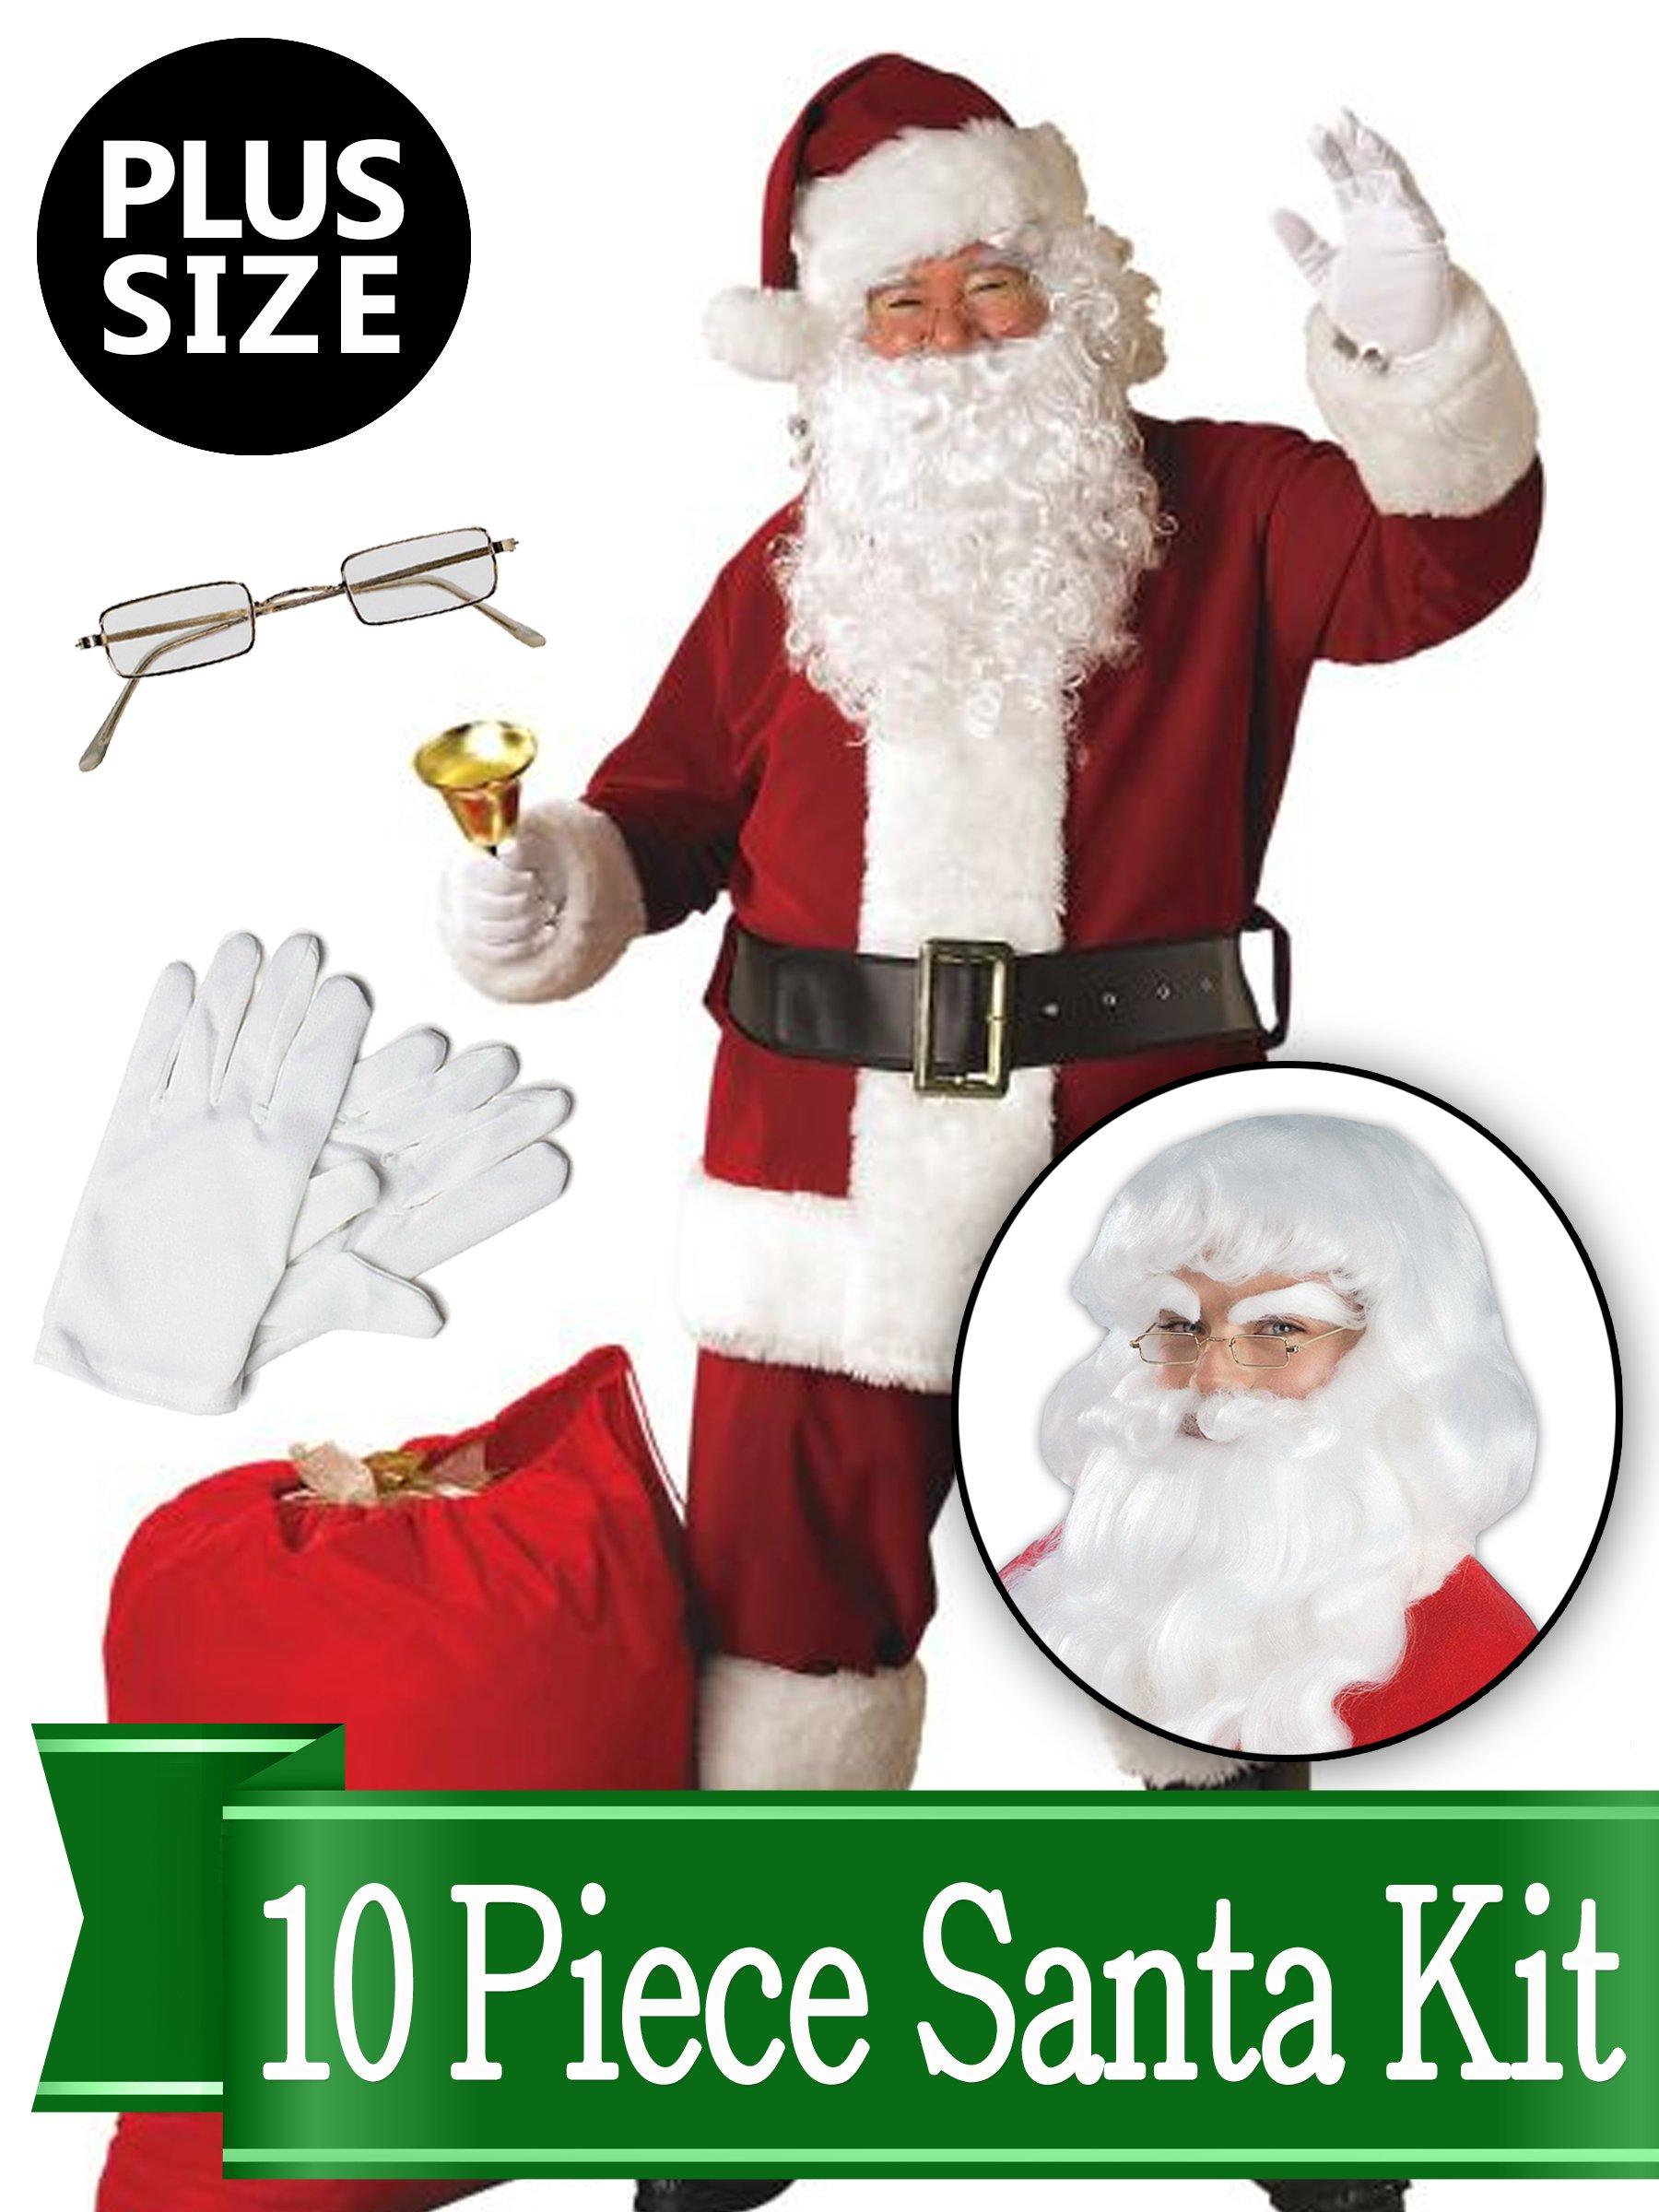 Santa Plus Size Costume - Red Regal Deluxe Complete 10 Piece Kit - Santa Suit Plush Outfit